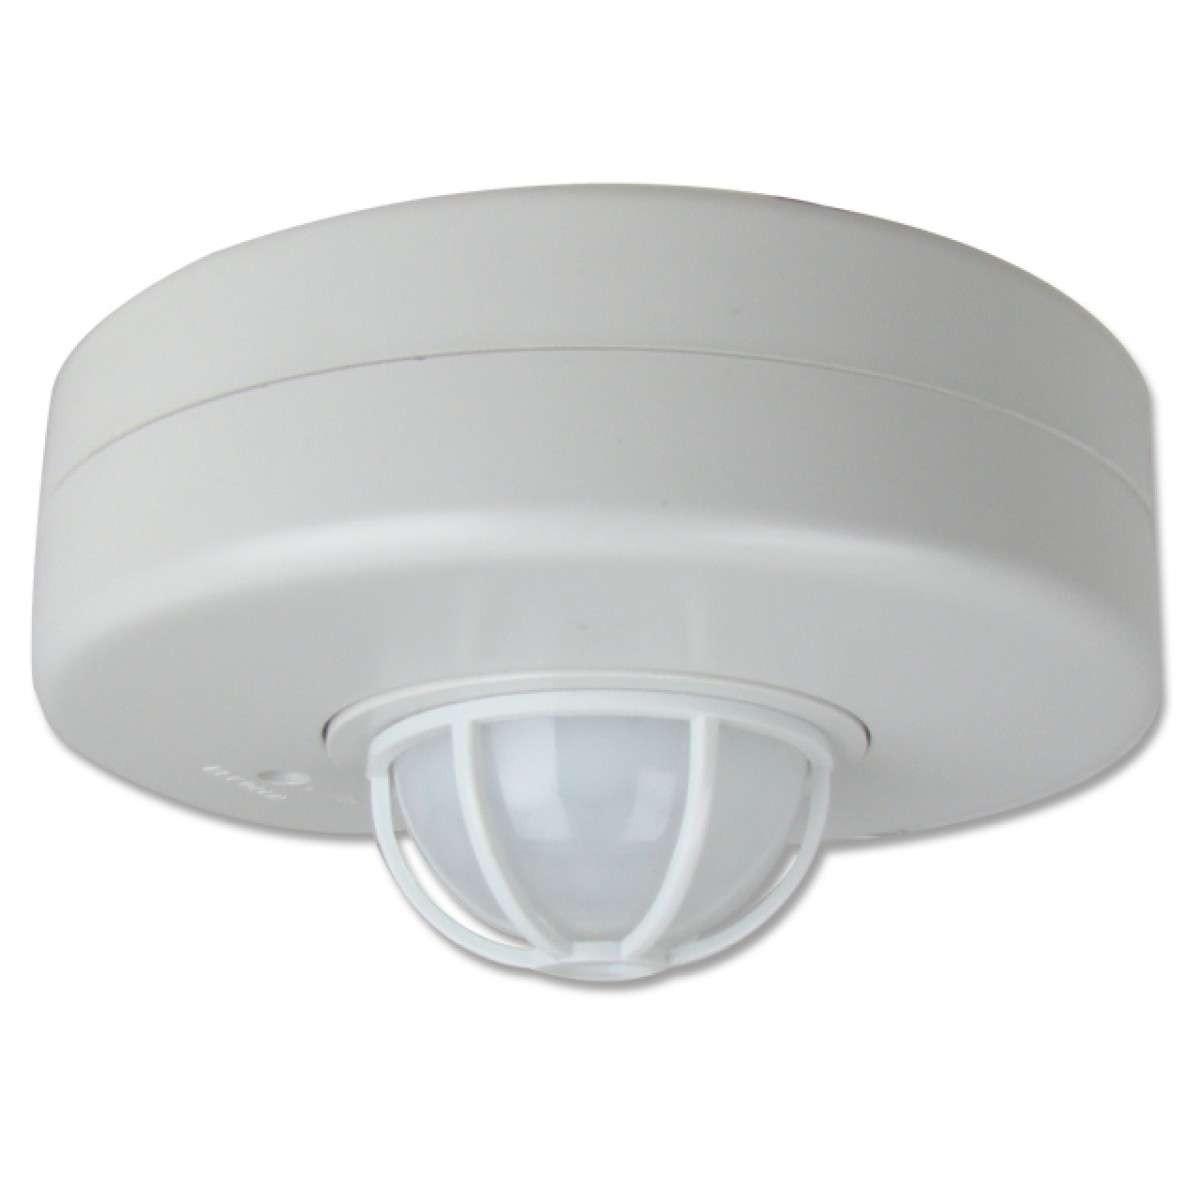 Sensor De Movimiento 3 Sensores 360 Grados 220 240v Regulable